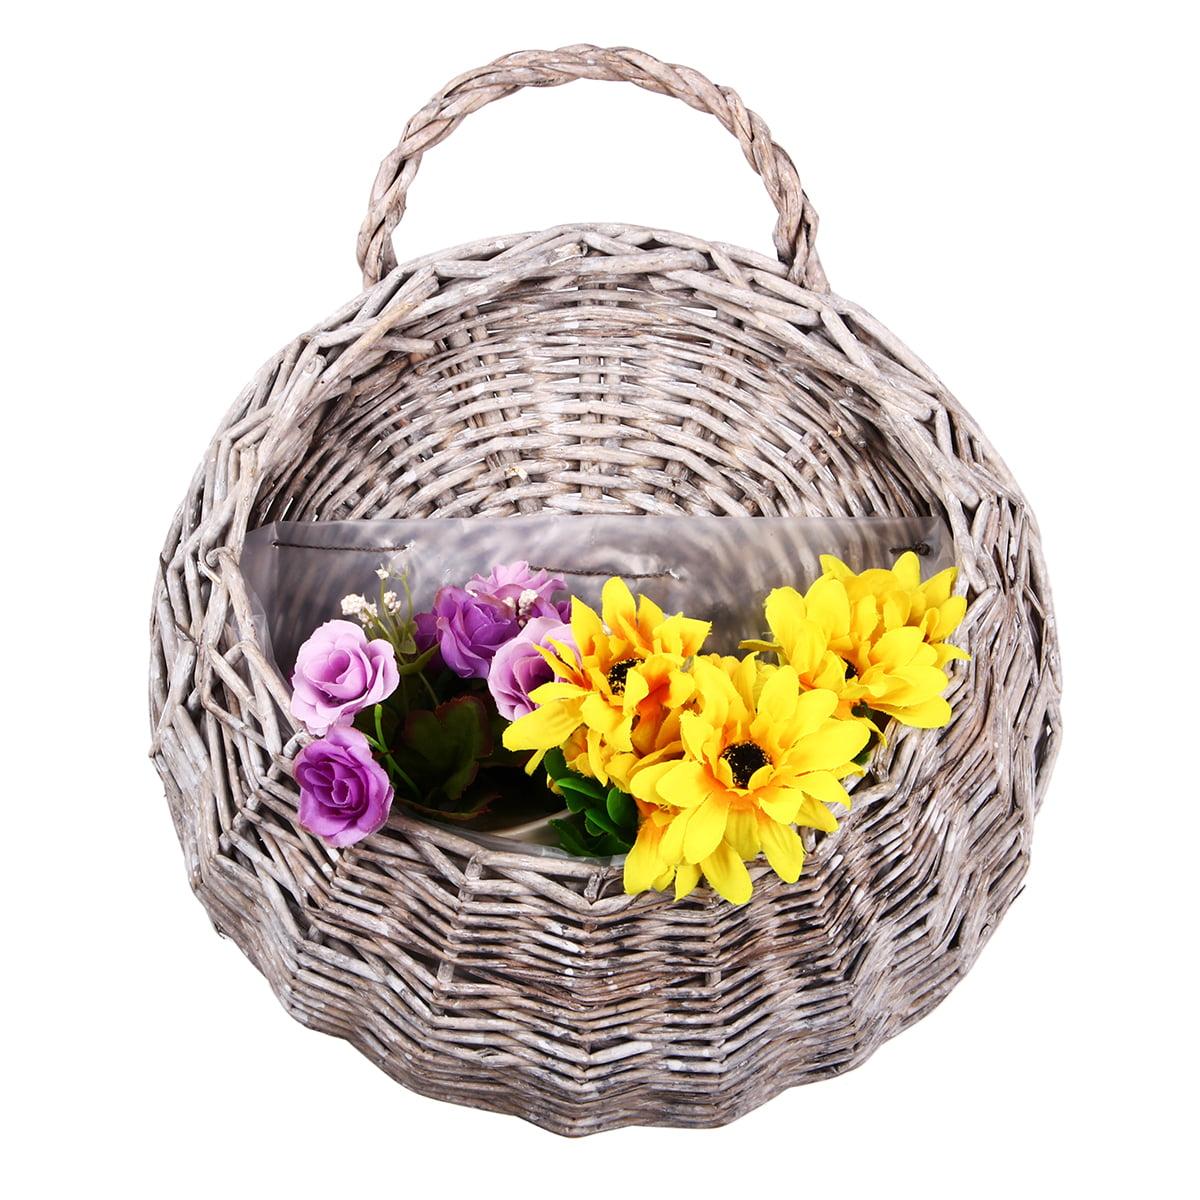 wicker rattan flower pot plant stand holder diy home wall hanging basket decor. Black Bedroom Furniture Sets. Home Design Ideas